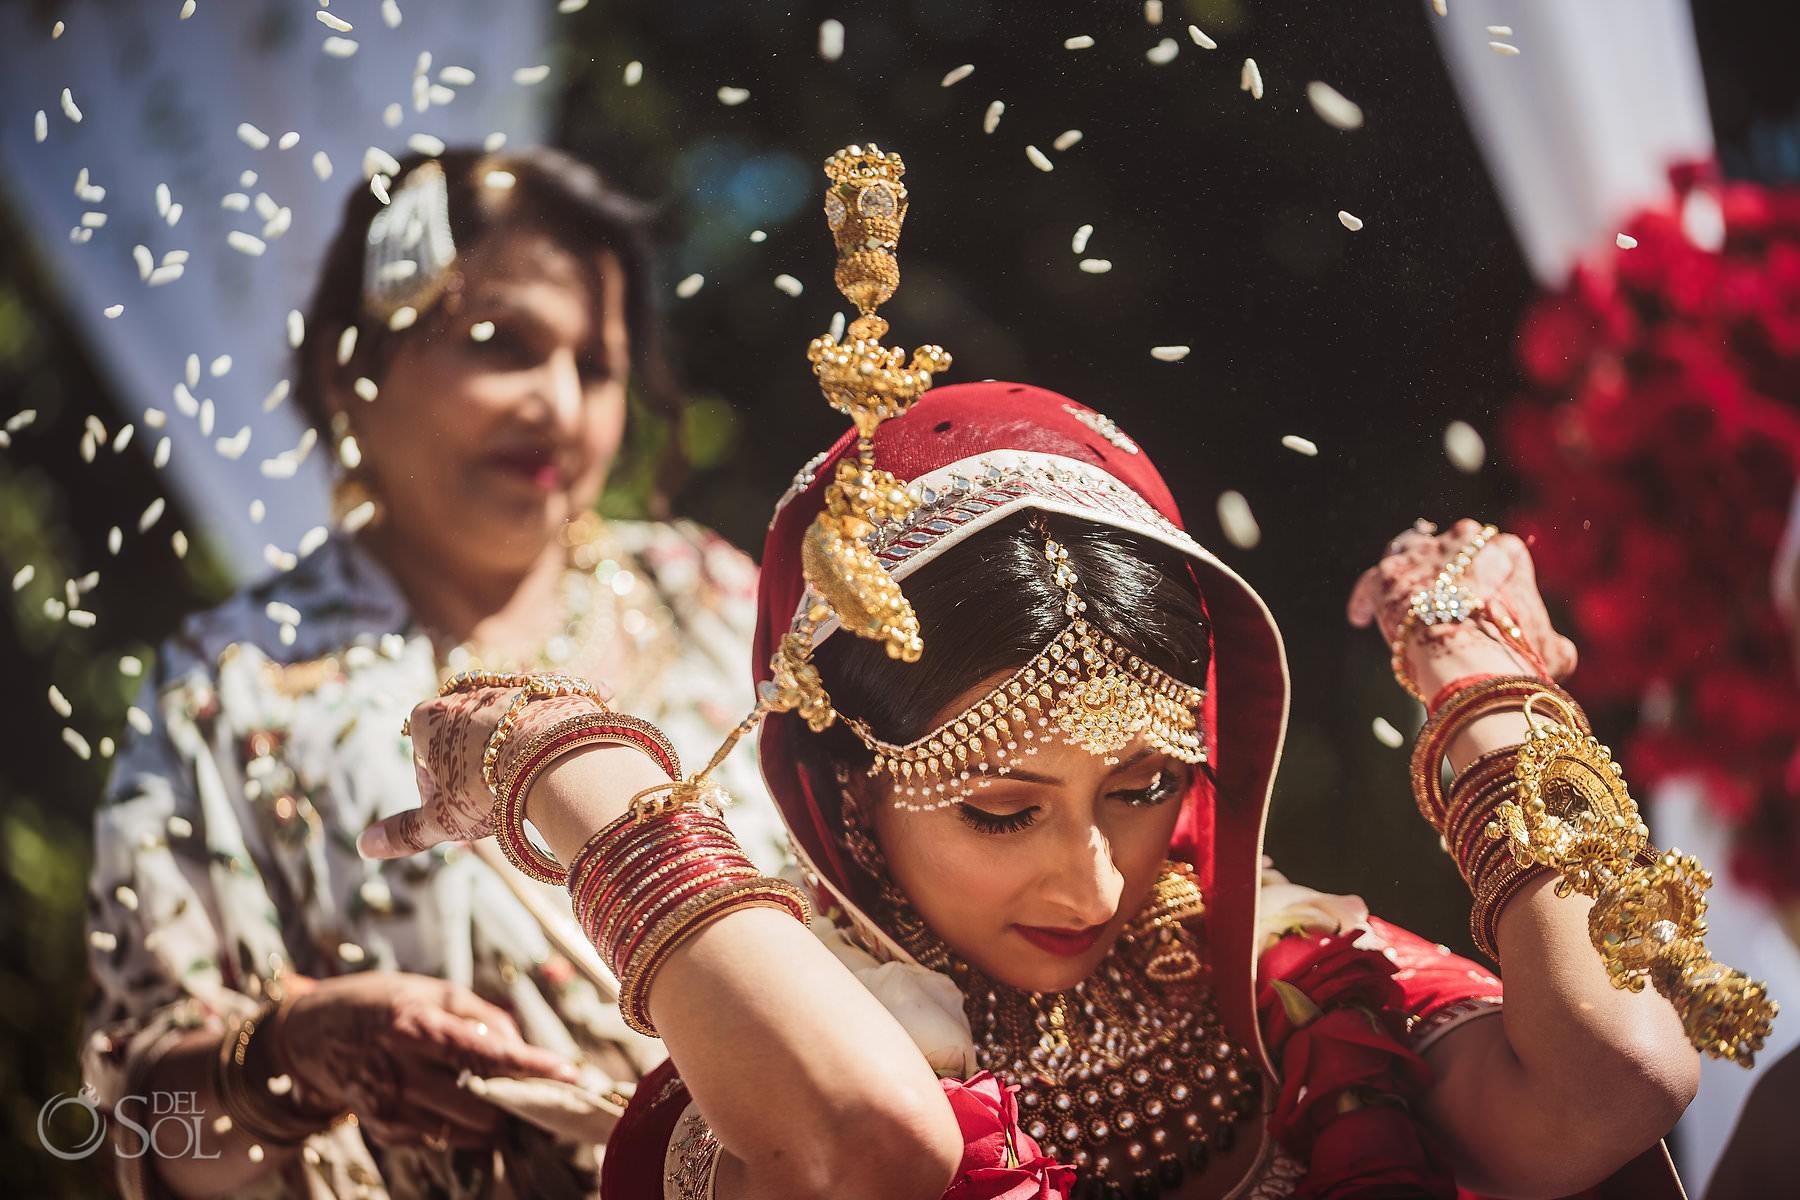 Vidaai Indian bride throwing rice over her head Dreams Tulum Hindu Wedding tradition Riviera Maya Mexico